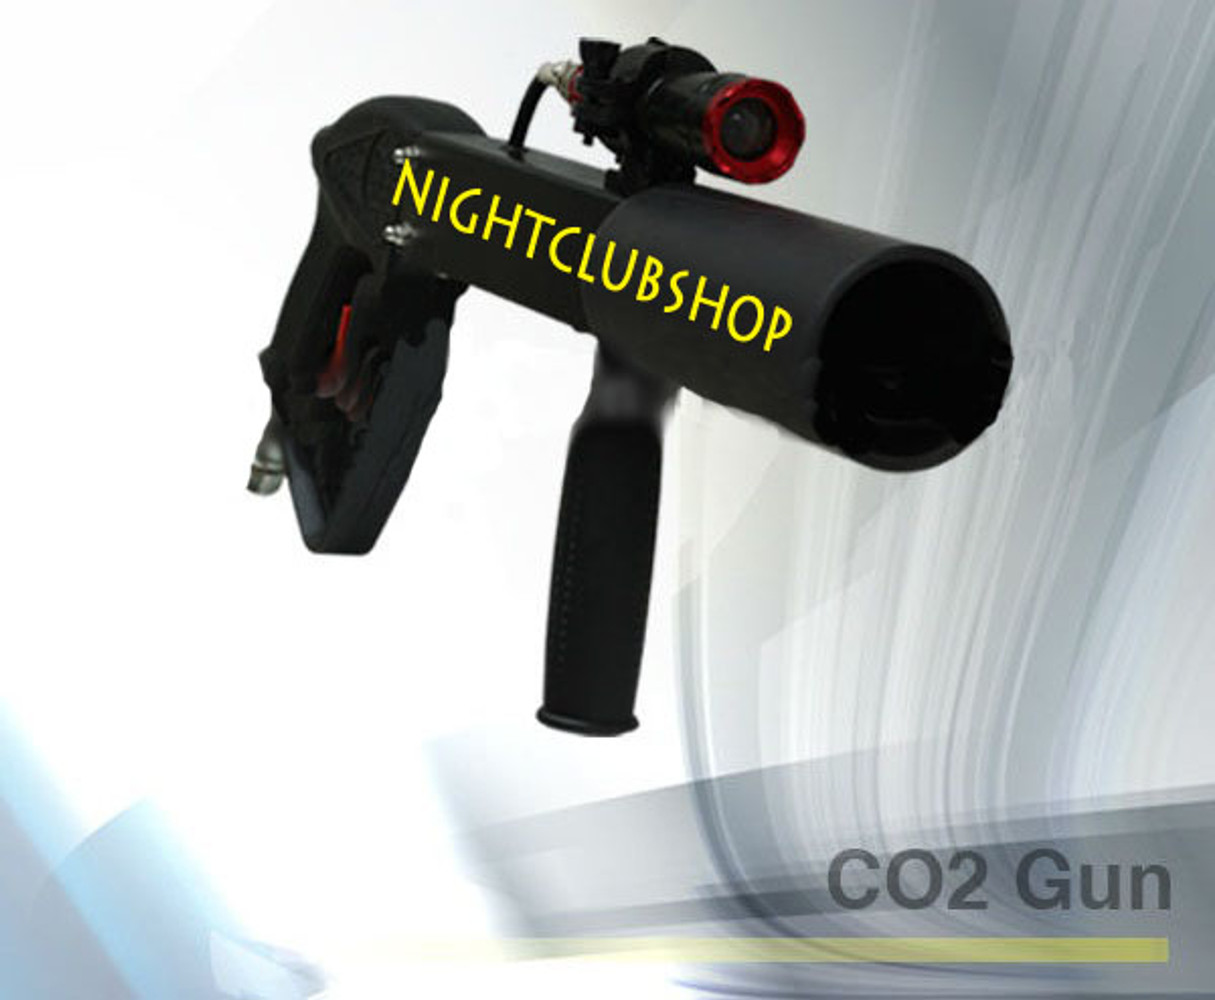 co2 cannon, co2 gun,gun,cryo, blaster, party cannon, co2 cannon, co2 effect, effects, special effects, light up co2 gun, light,